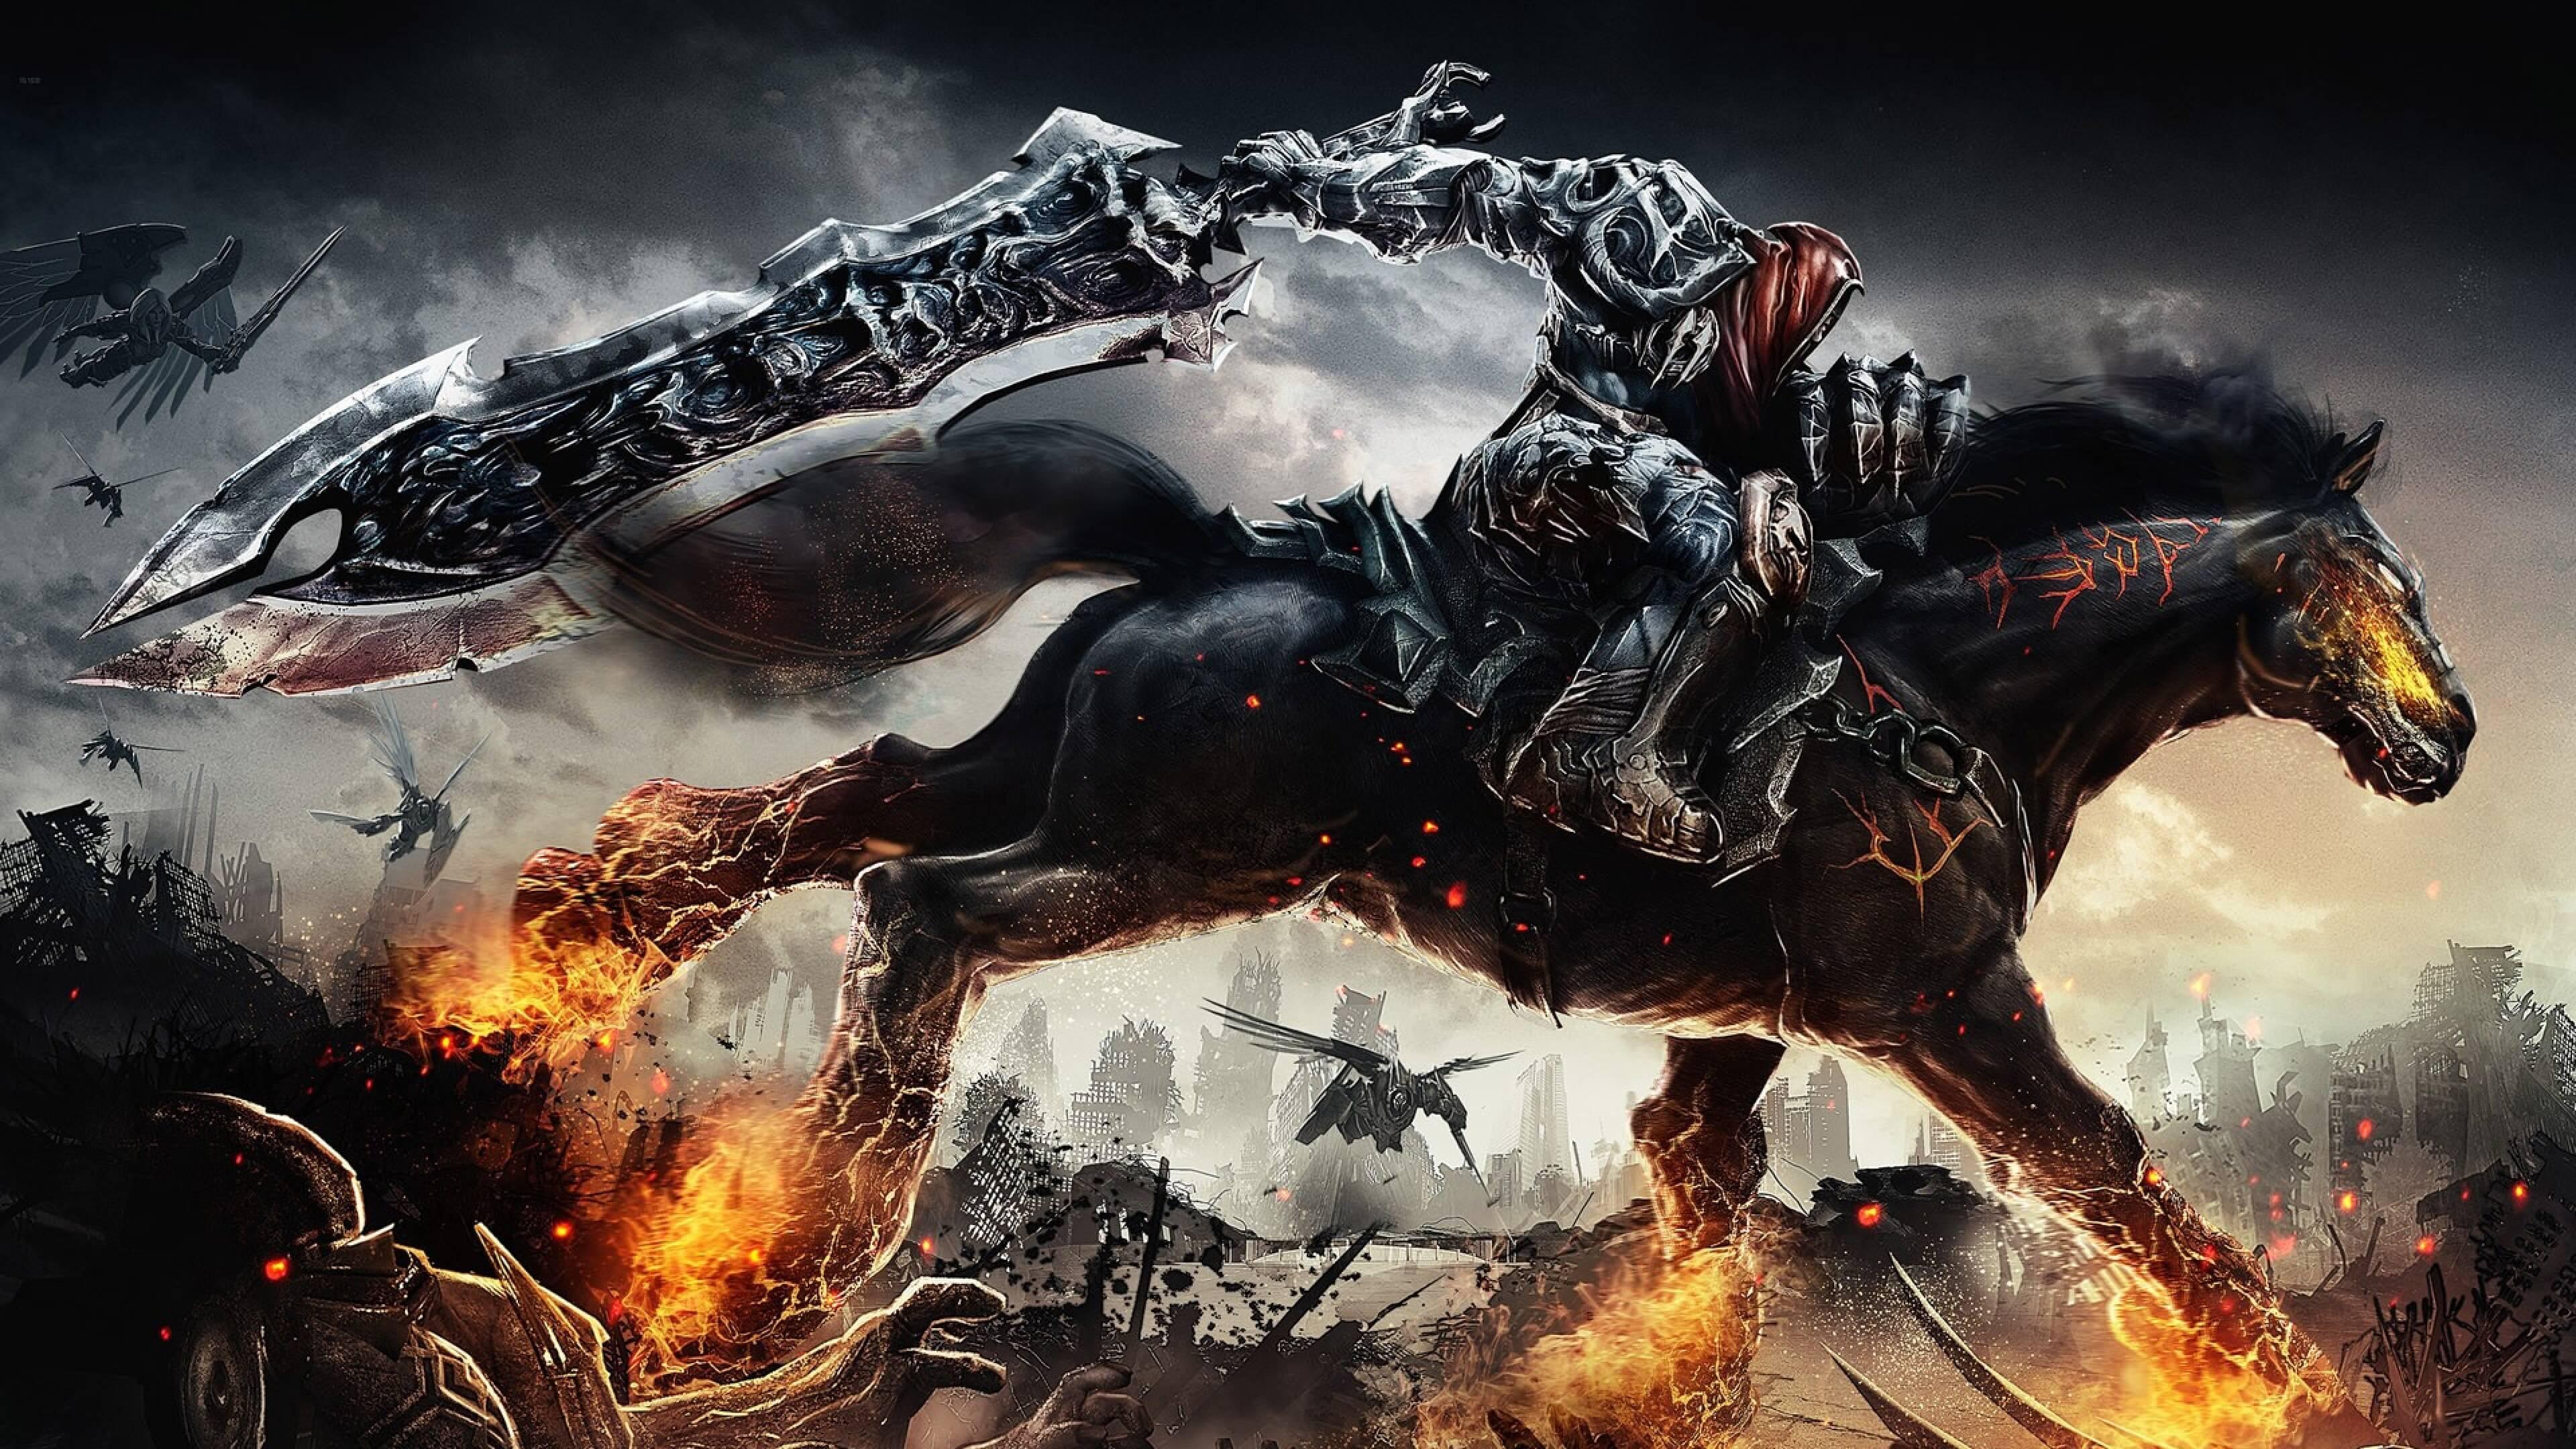 Hình nền kỵ sĩ bóng đêm Dark Knight